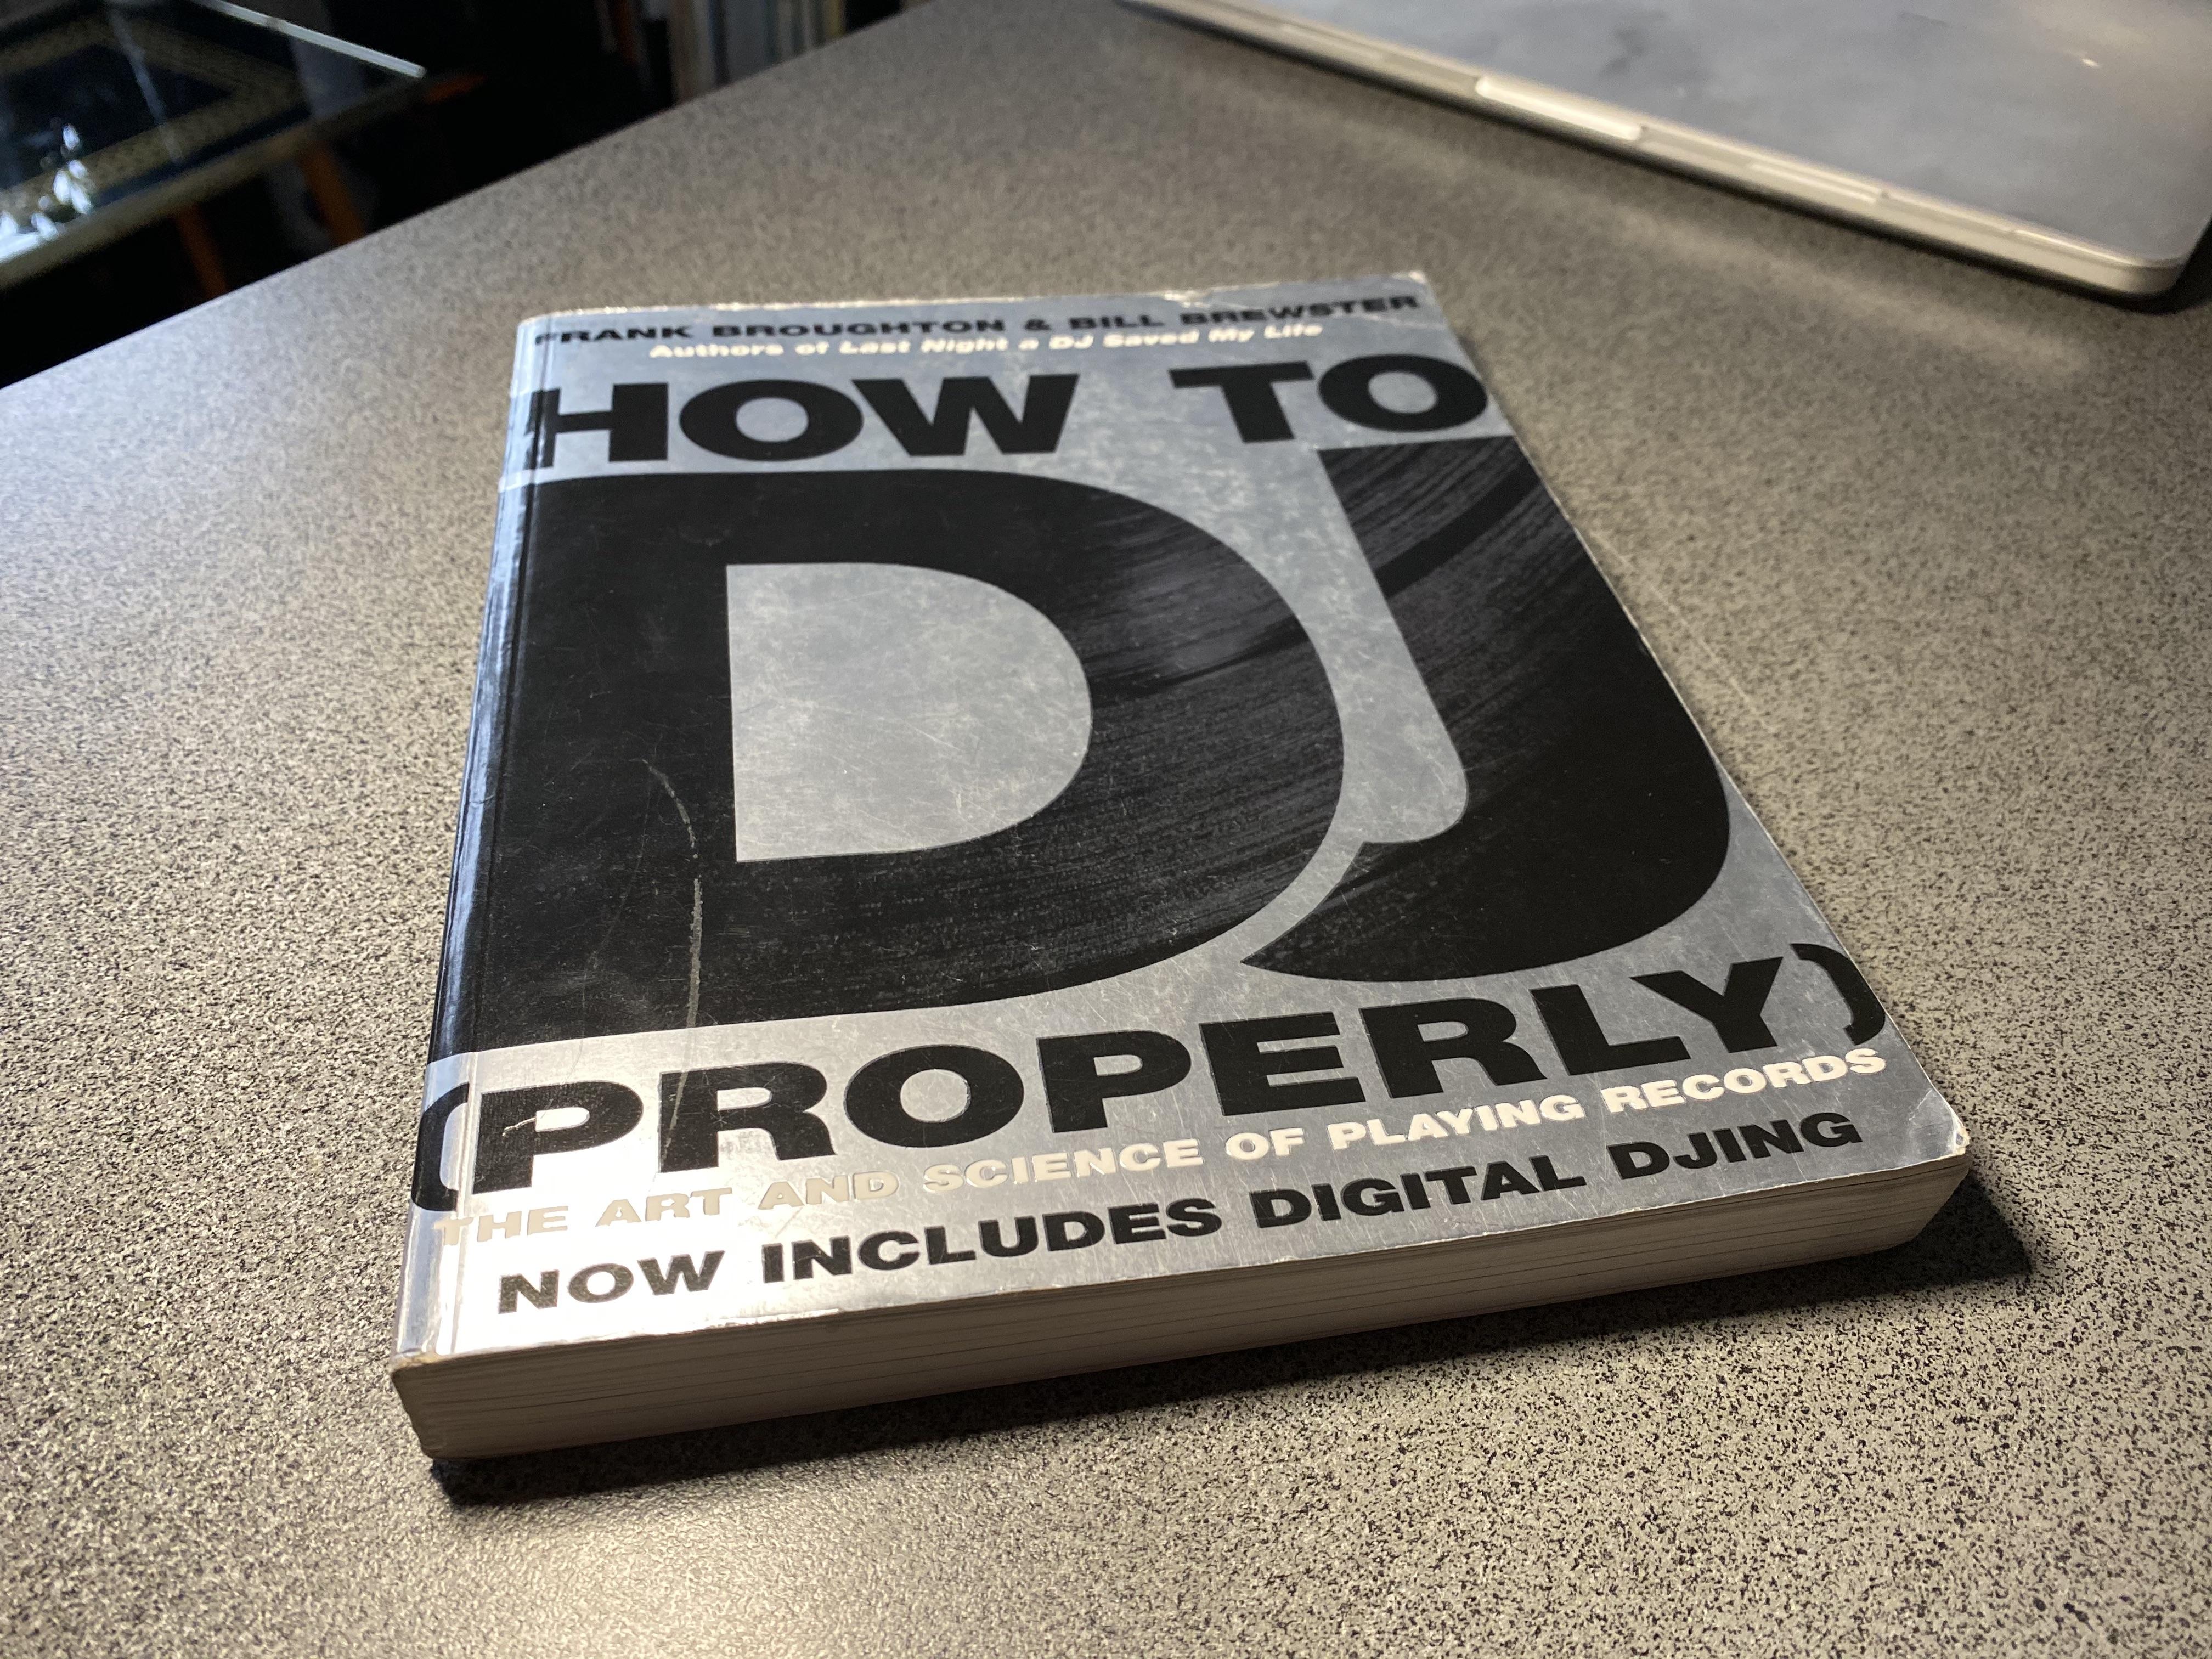 Книга недели: How To DJ (Properly)